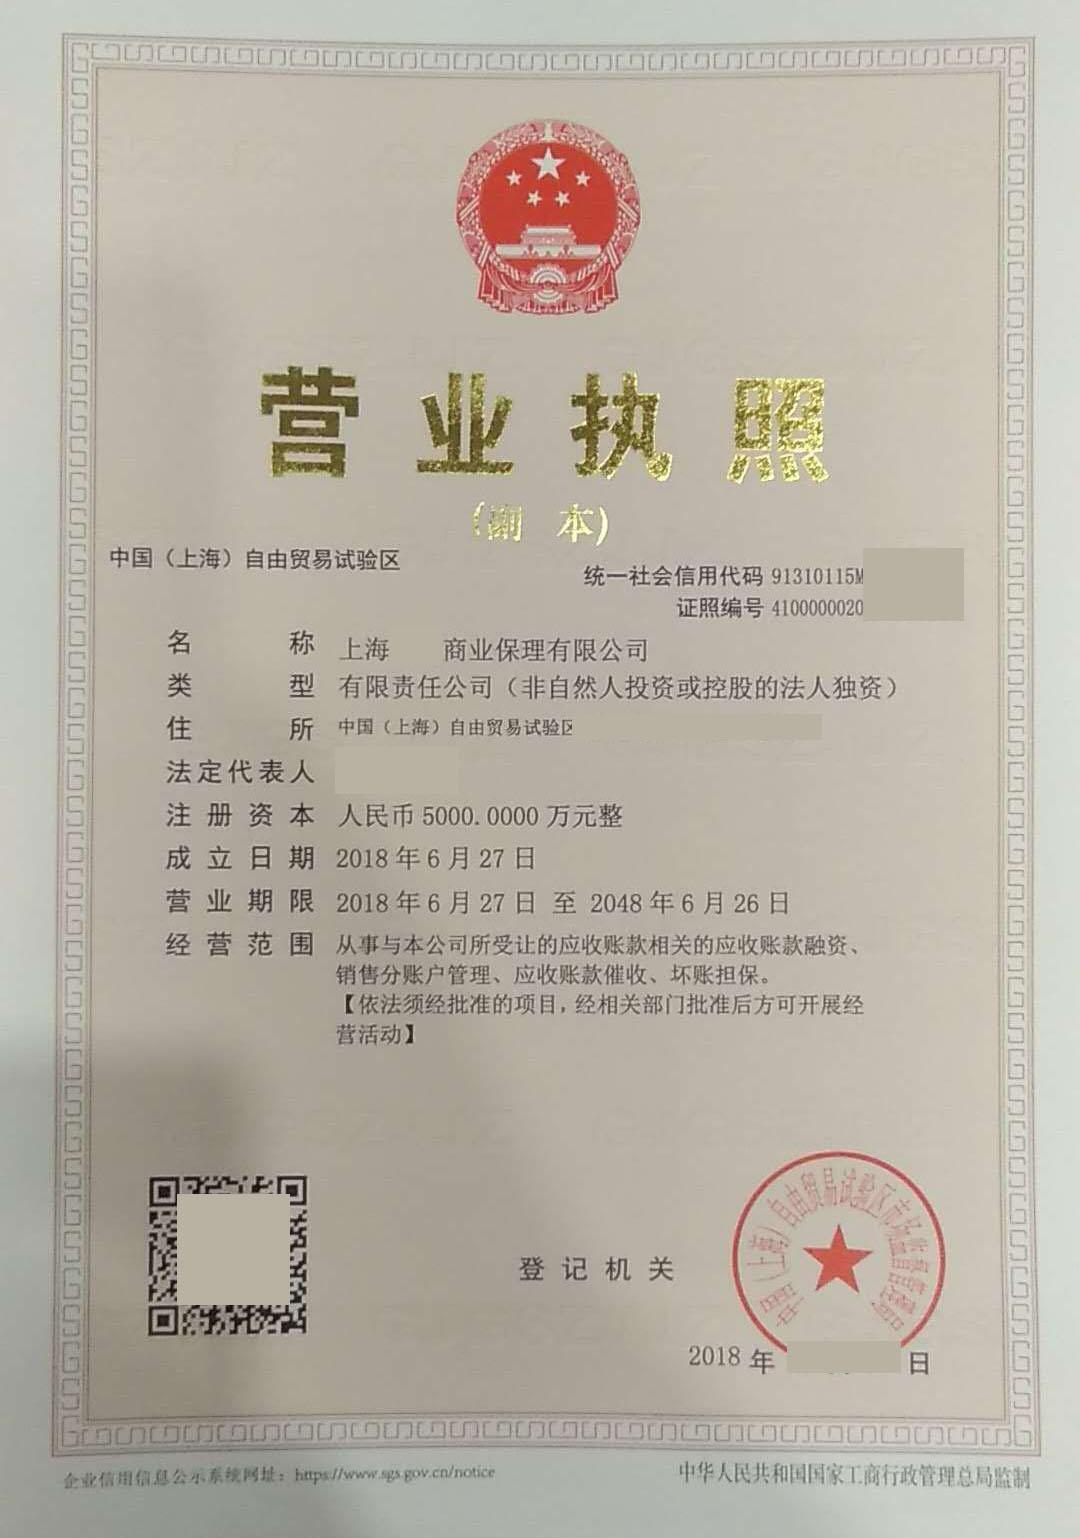 转让上海自贸区商业保理公司